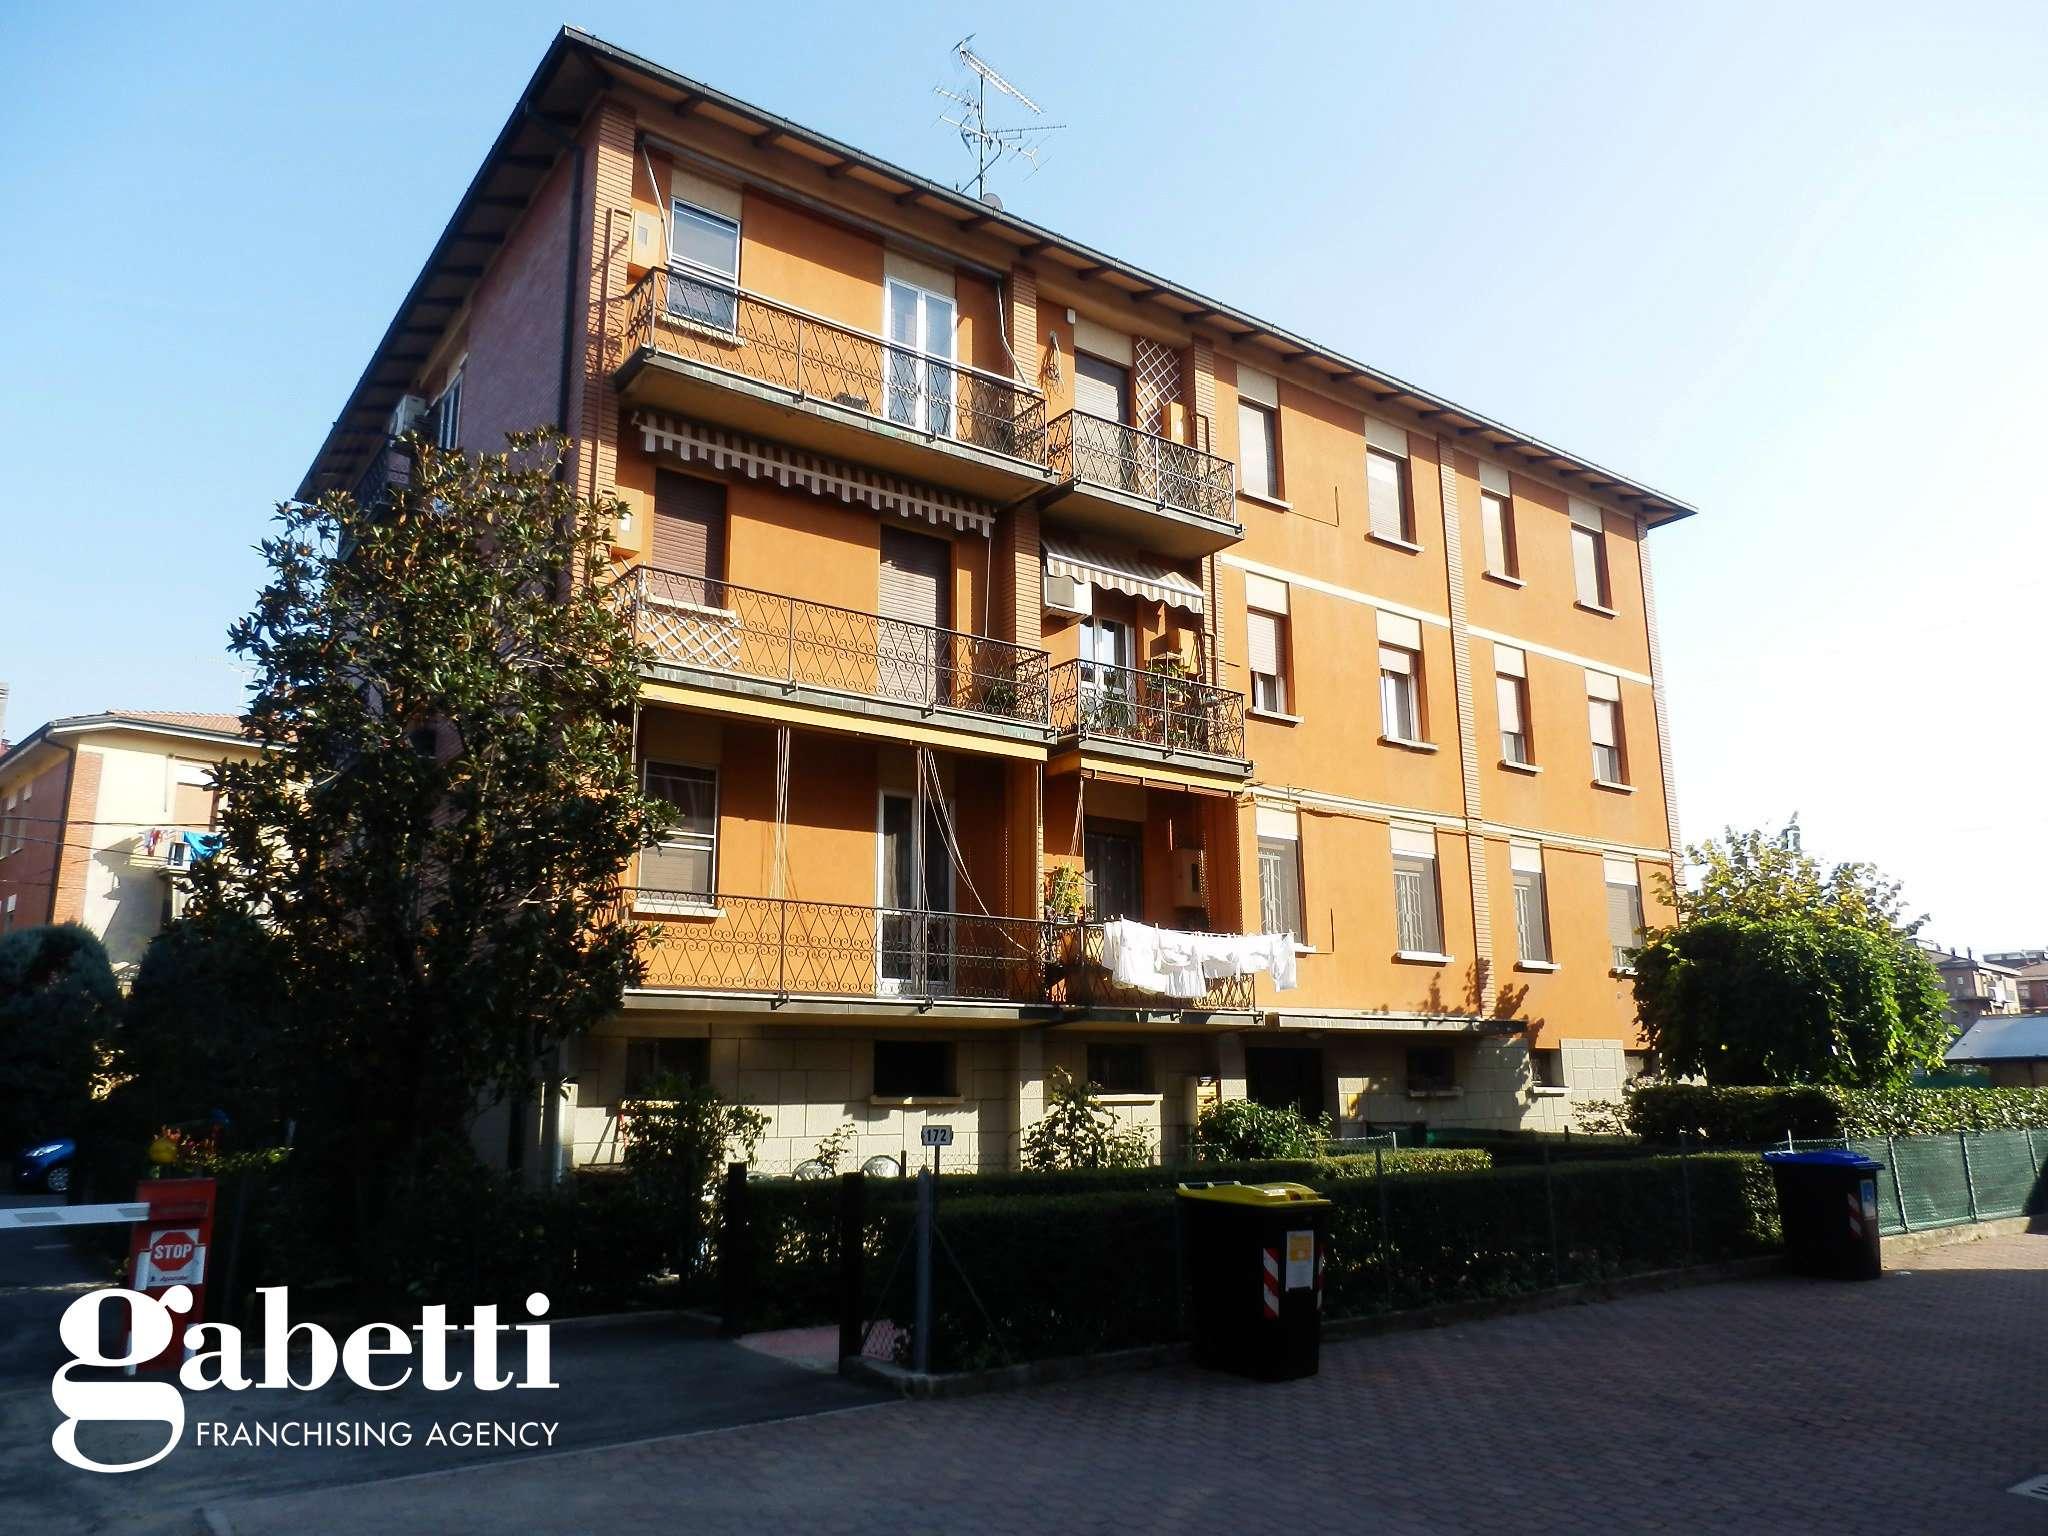 Appartamento in vendita a Argelato, 3 locali, prezzo € 135.000 | CambioCasa.it